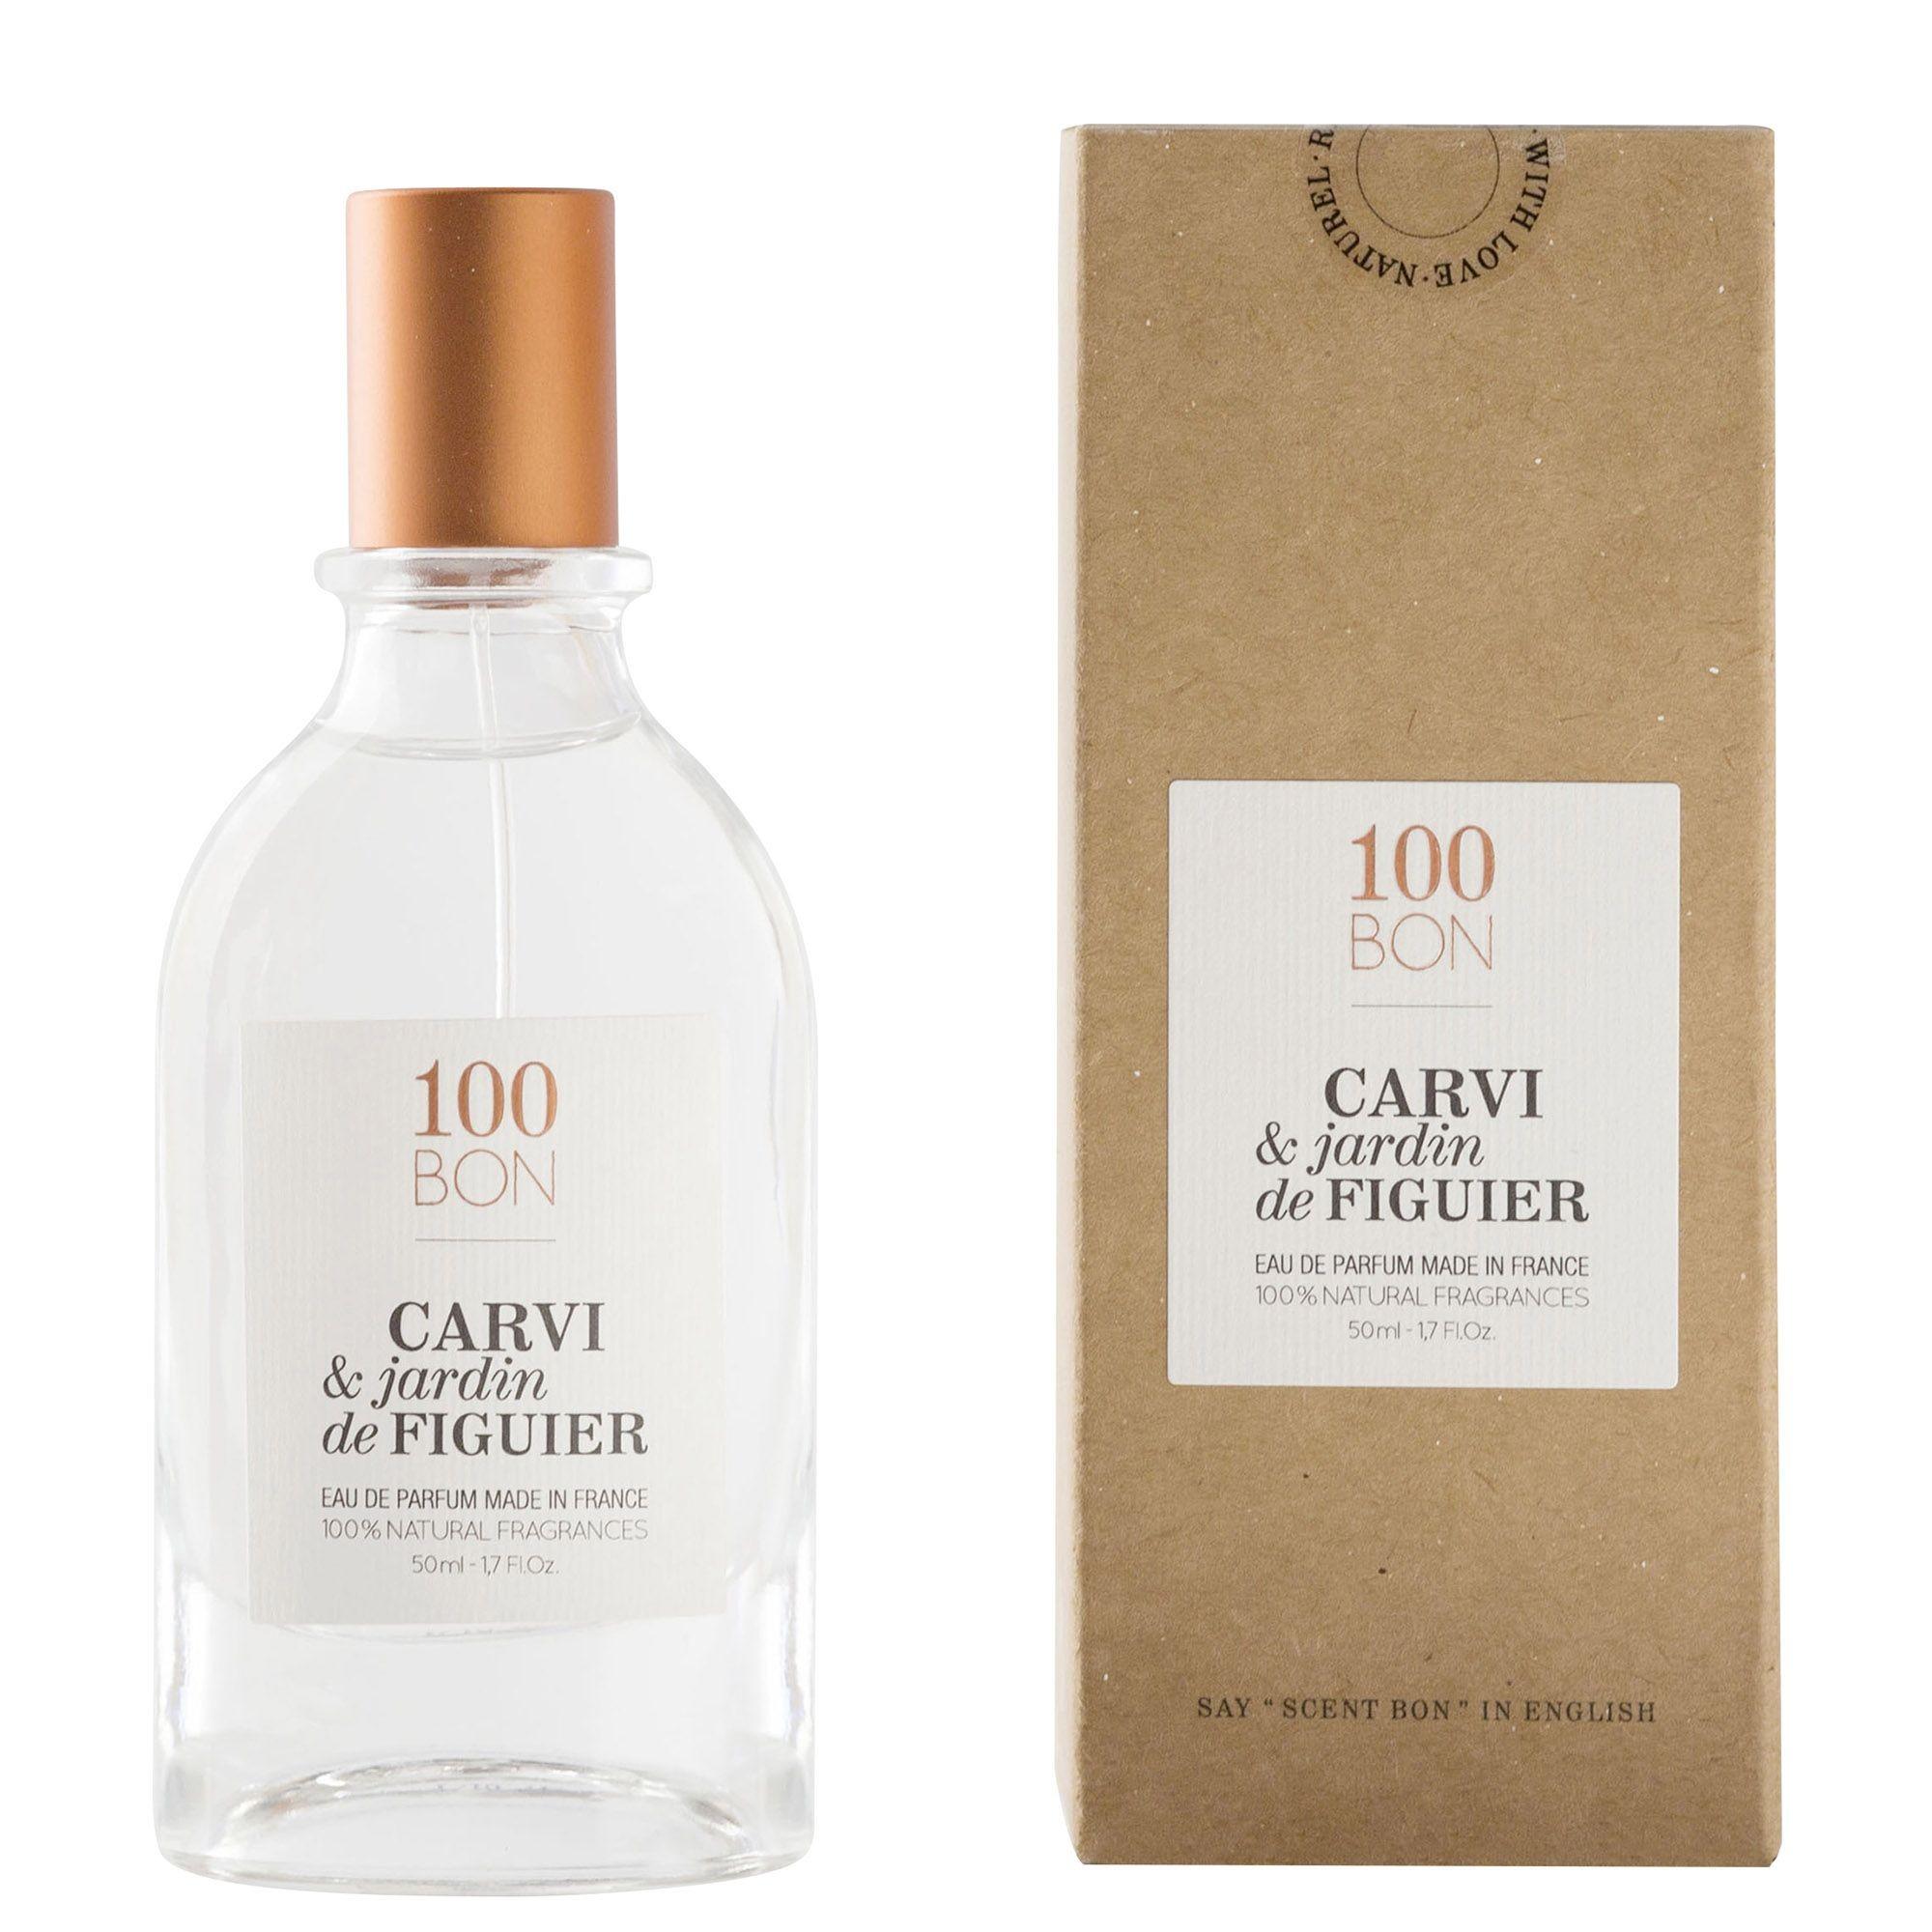 carvi jardin de figuier 100 bon perfume a new